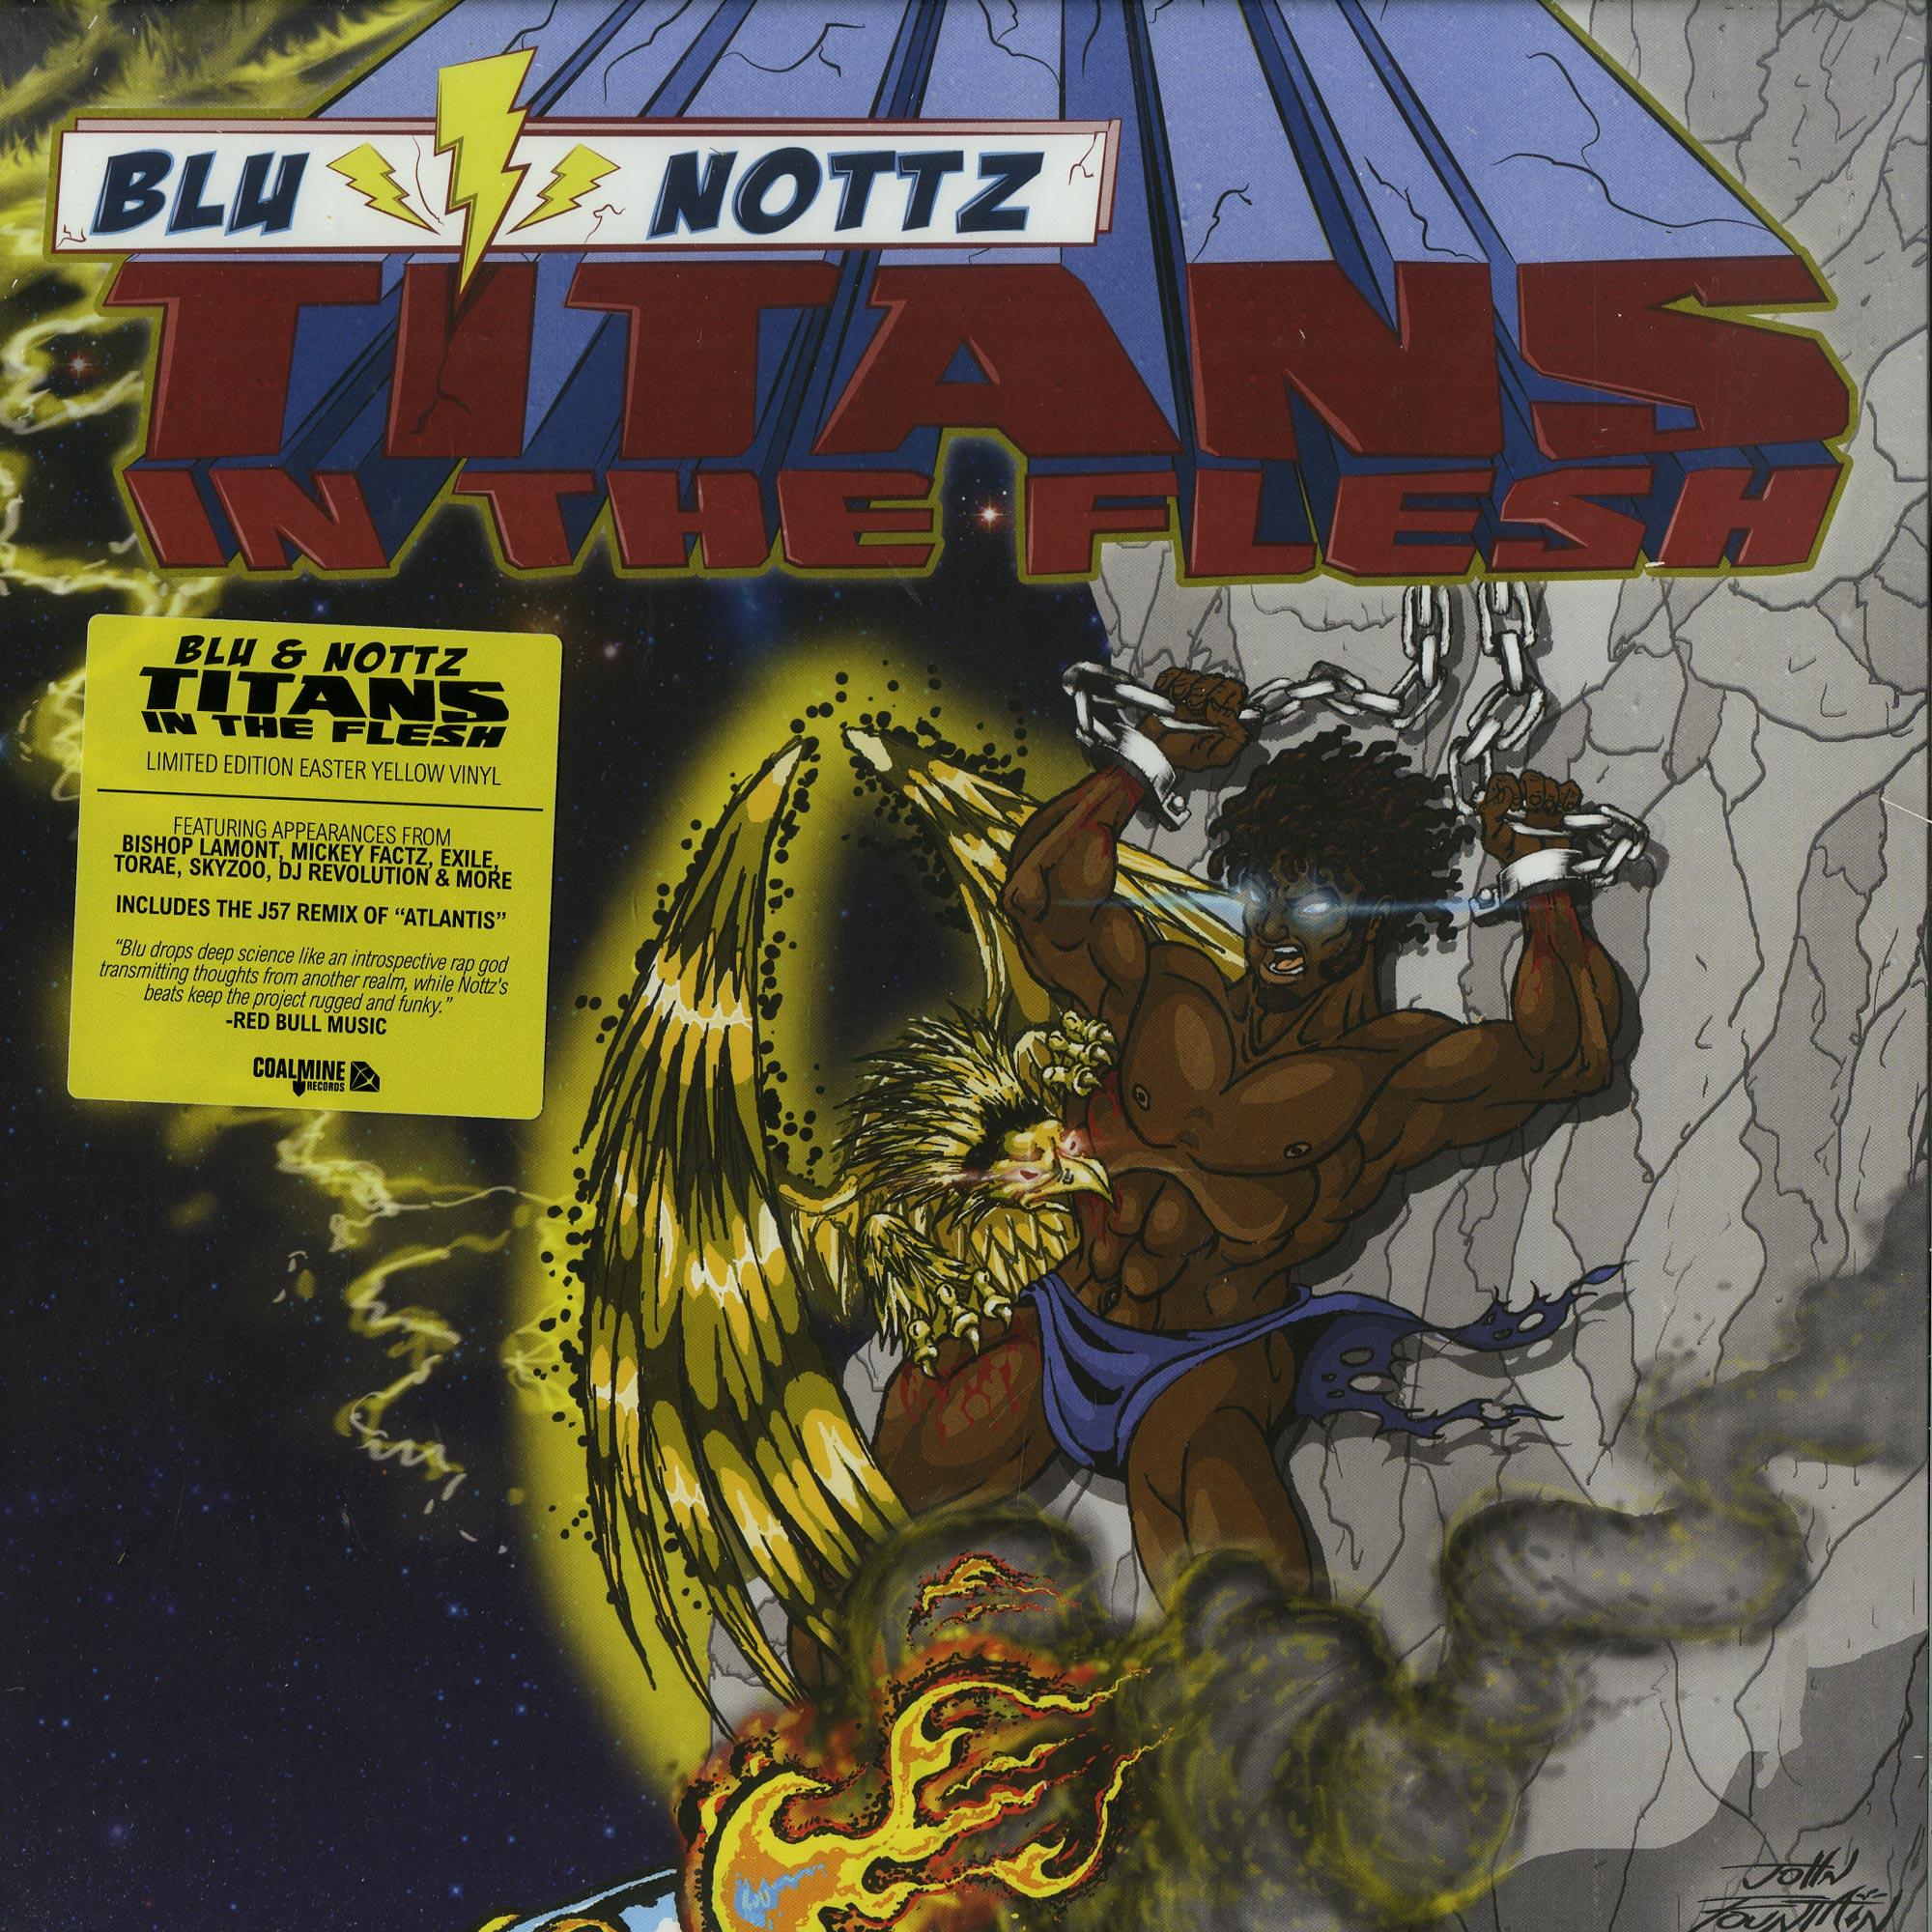 Blu & Nottz - TITANS IN THE FLESH EP